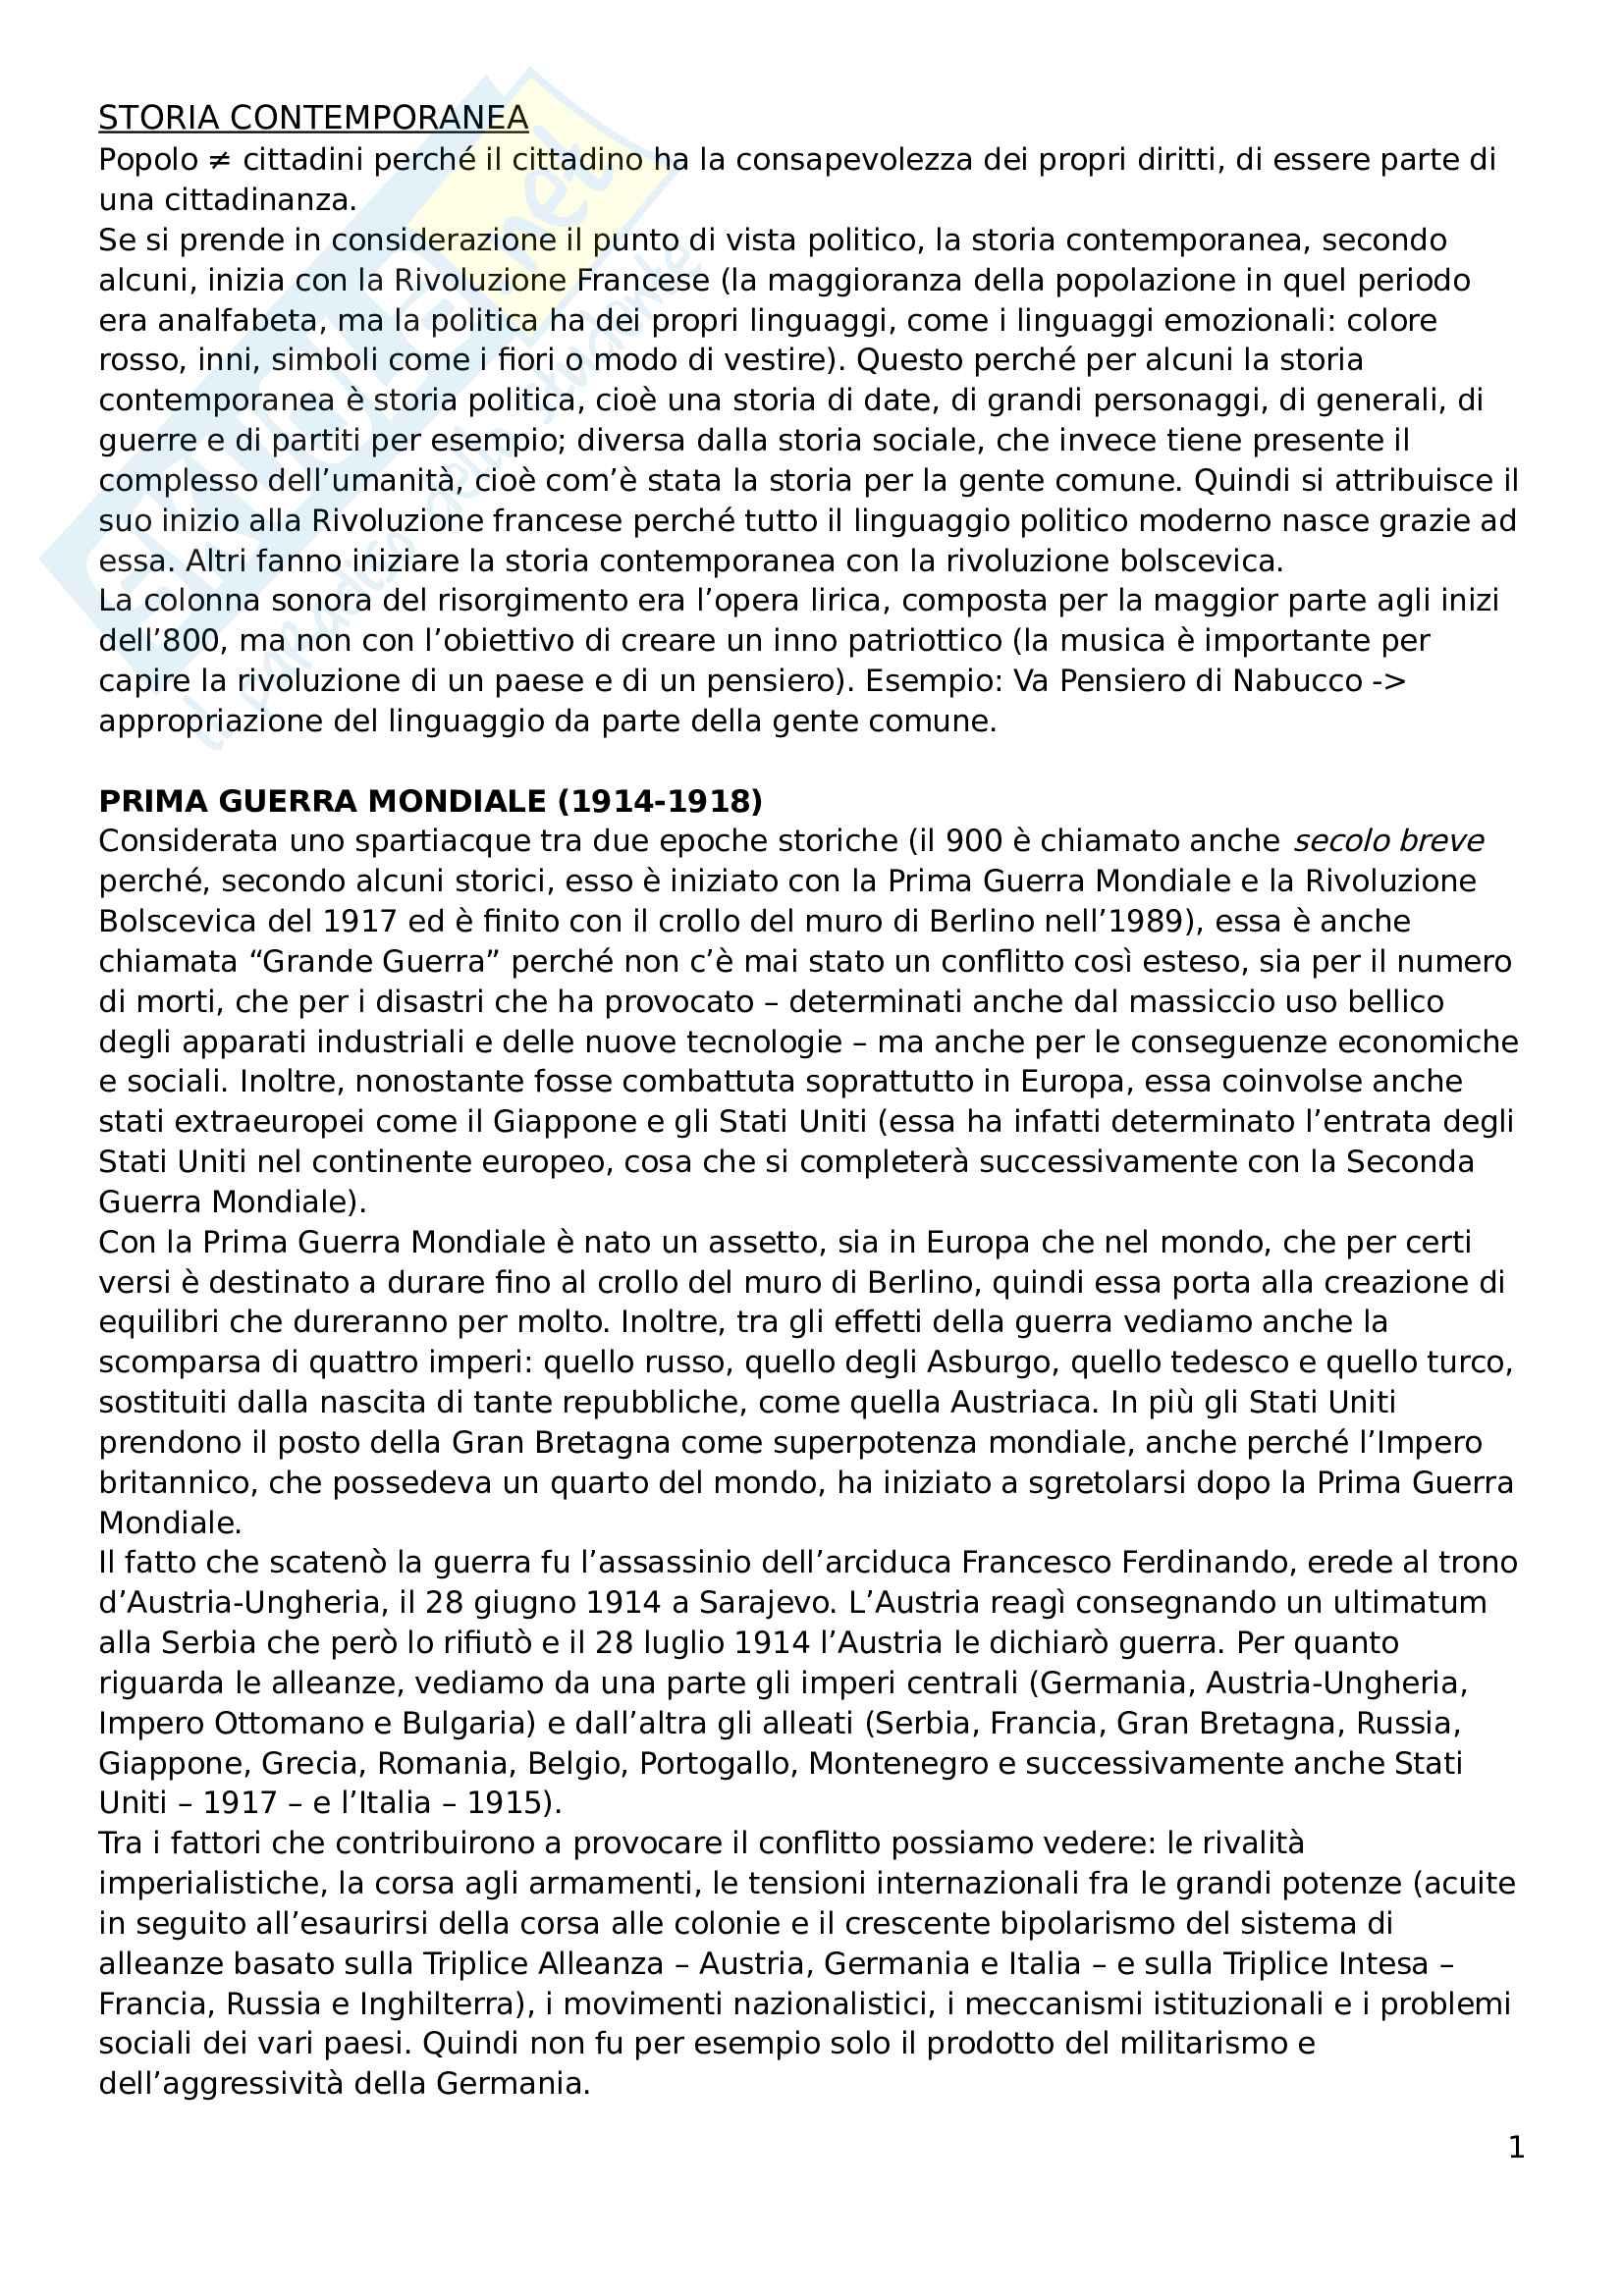 Riassunto esame Storia contemporanea, prof. Pivato, libro consigliato: Storia Contemporanea, vol. 2: Il Novecento, Detti, Gozzini